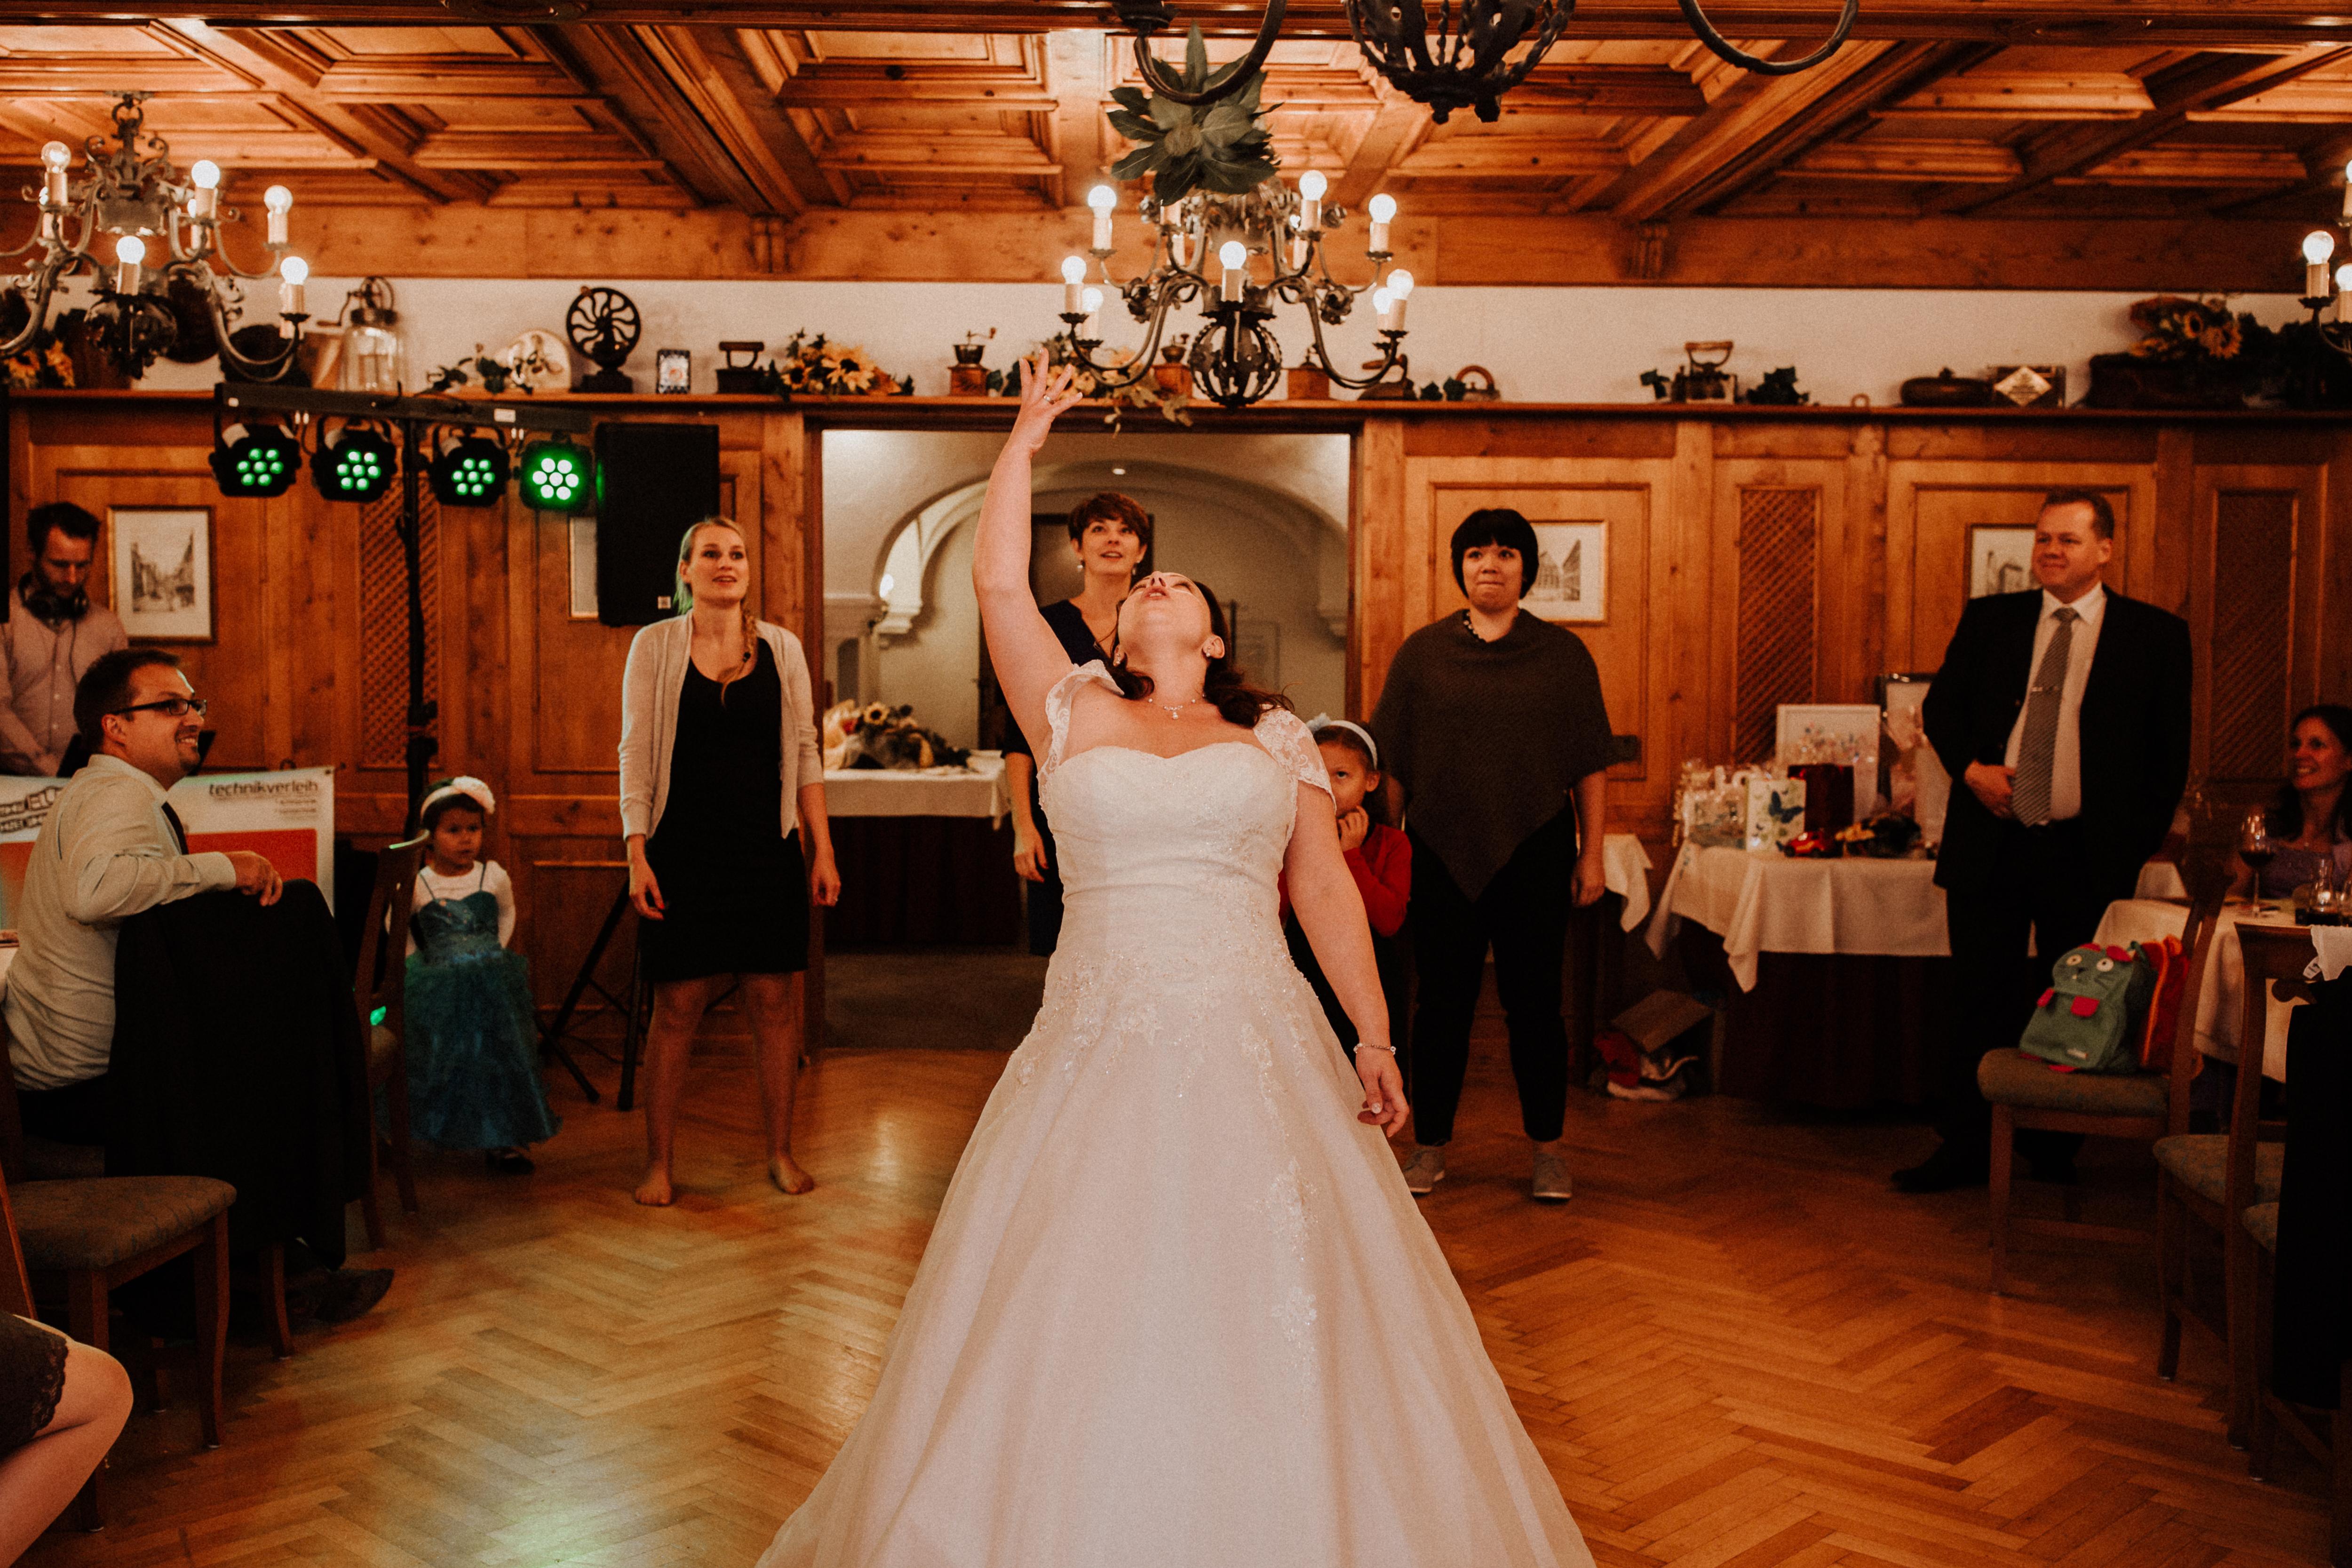 URBANERIE_Daniela_Goth_Hochzeitsfotografin_Nürnberg_Fürth_Erlangen_Schwabach_171007_1710